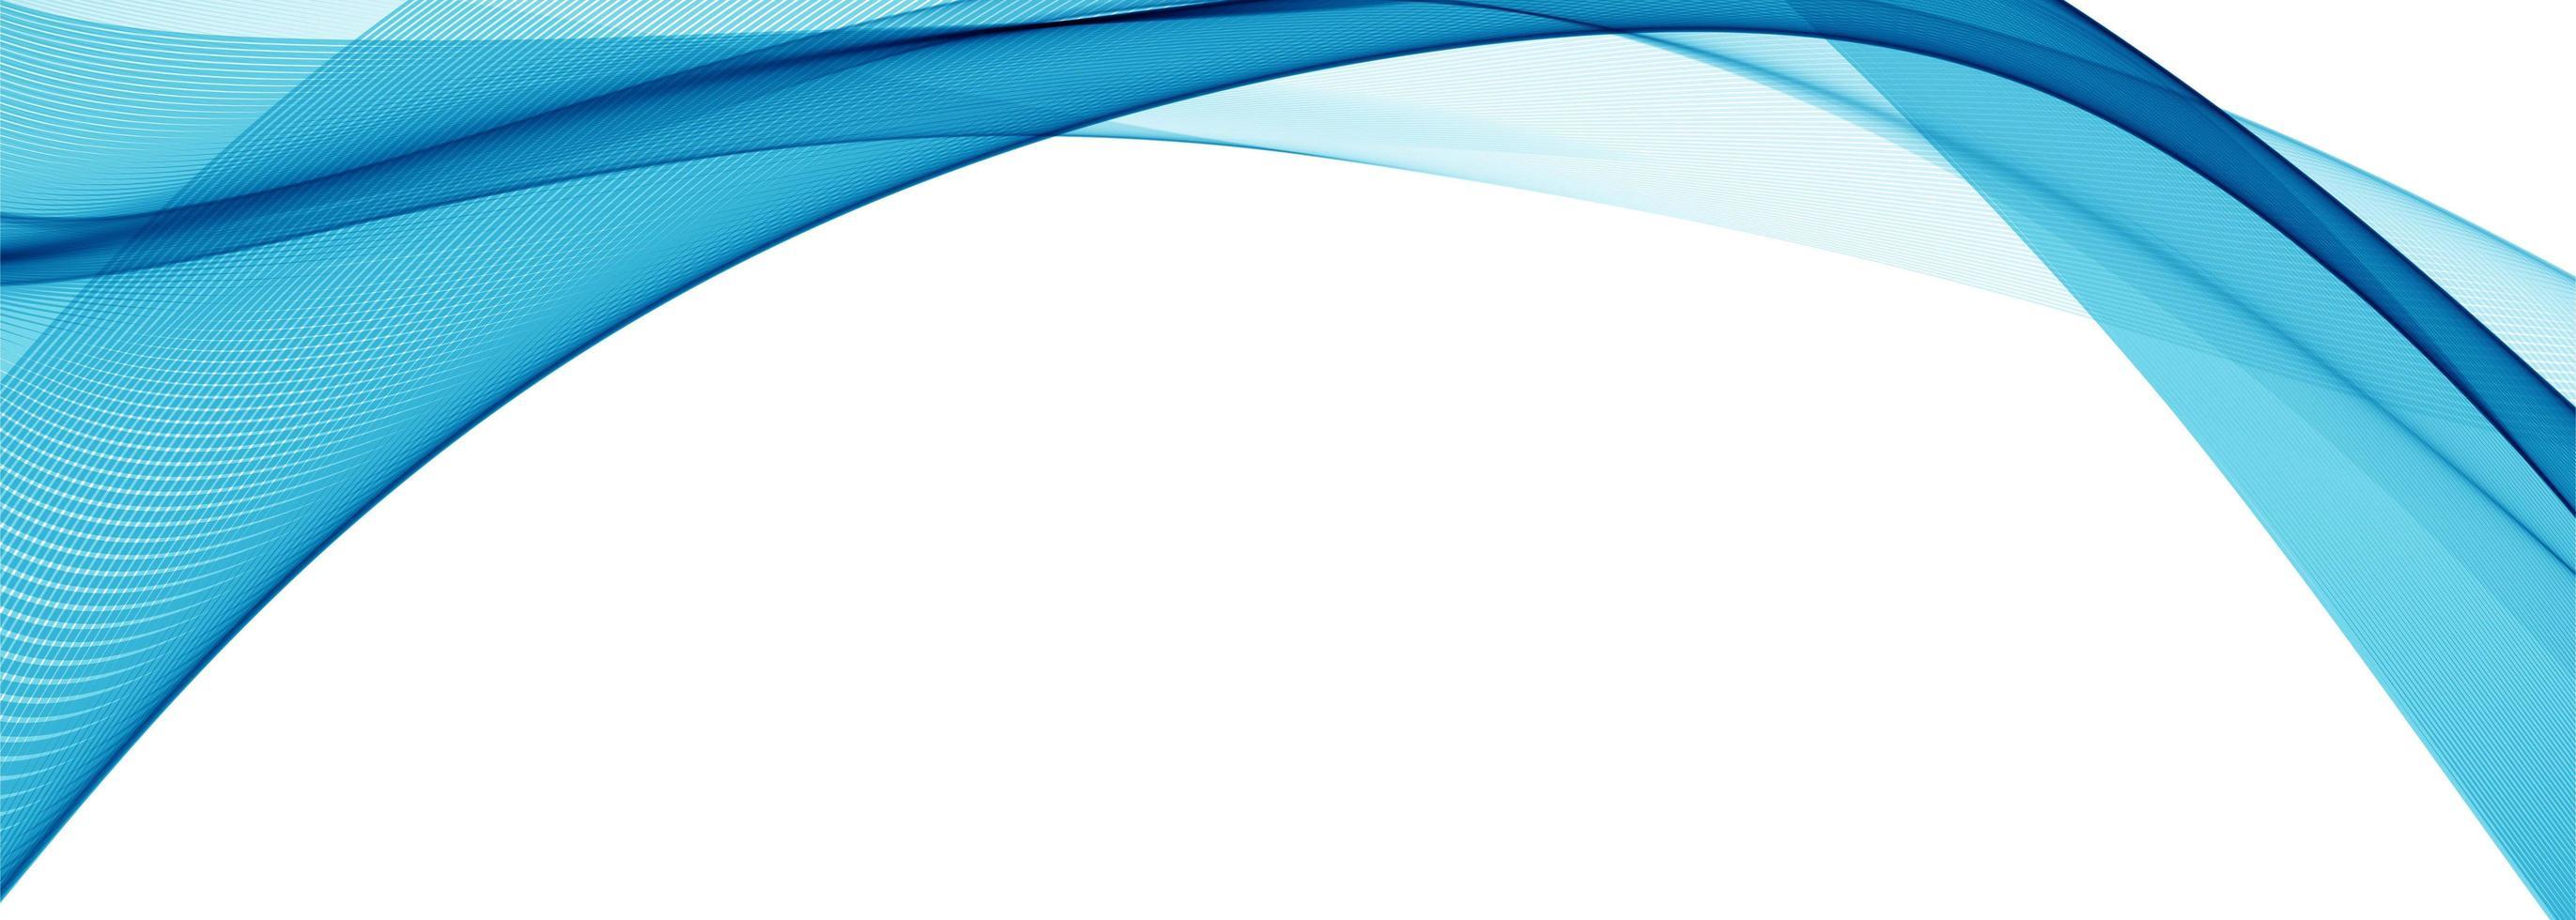 Fondo de banner de onda azul con estilo moderno vector